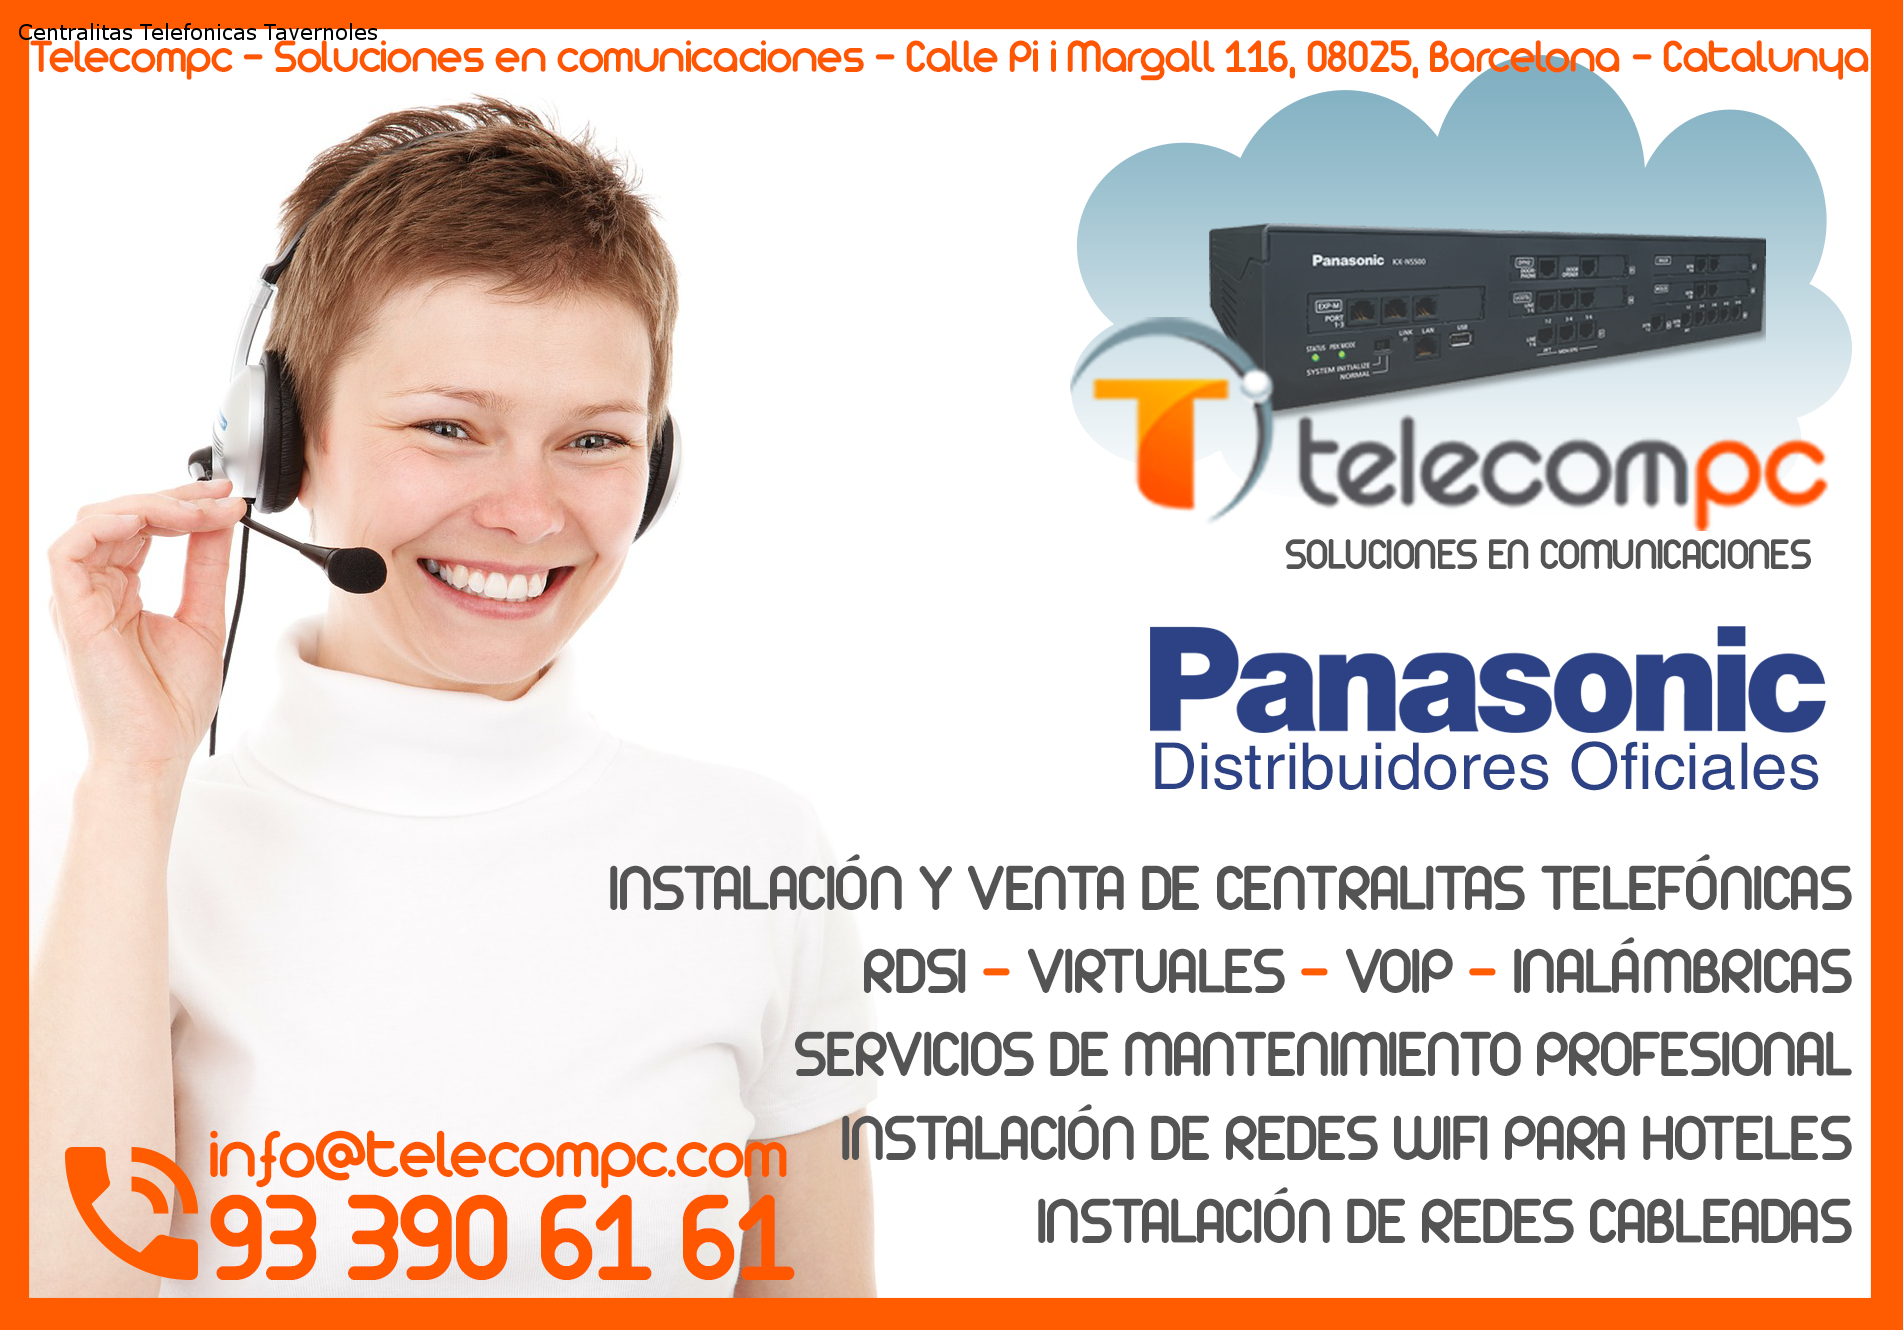 Centralitas Telefonicas Tavernoles